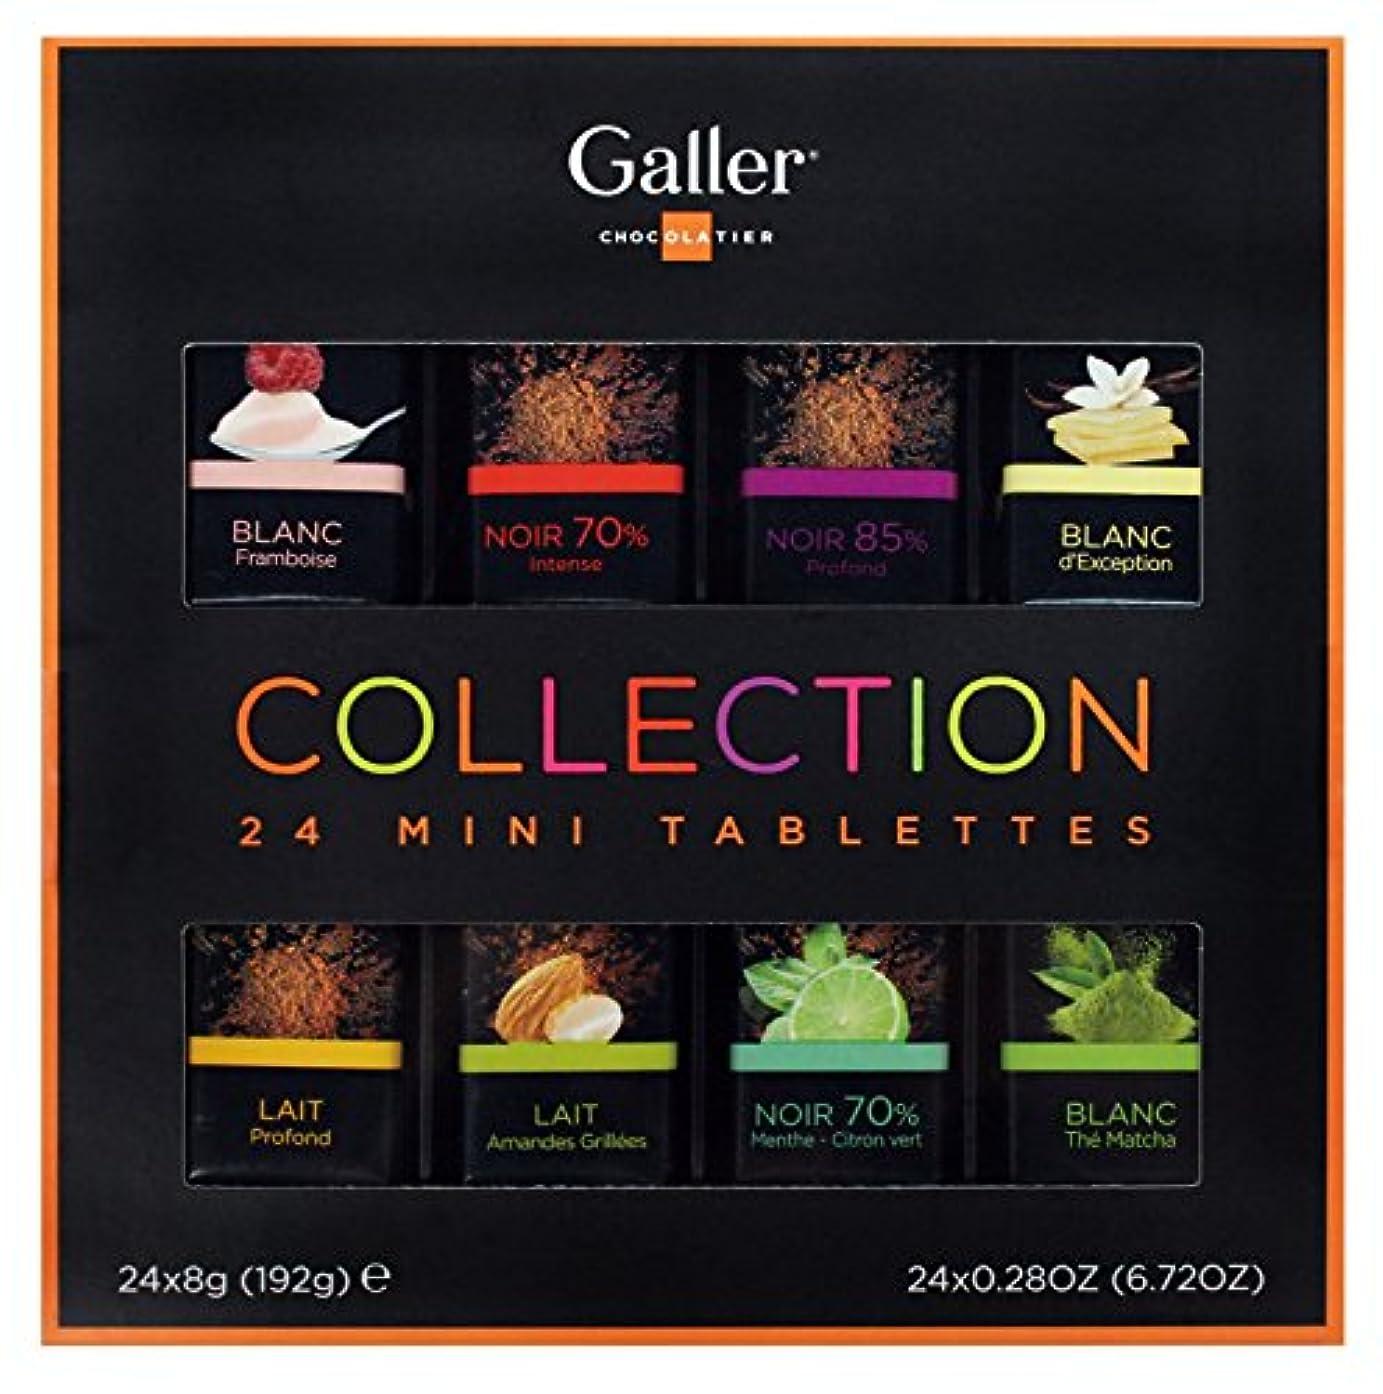 調停者お酒疾患Galler(ガレー)チョコレート ベルギー王室御用達 ミニタブレットギフトボックス 24本入 (4箱)